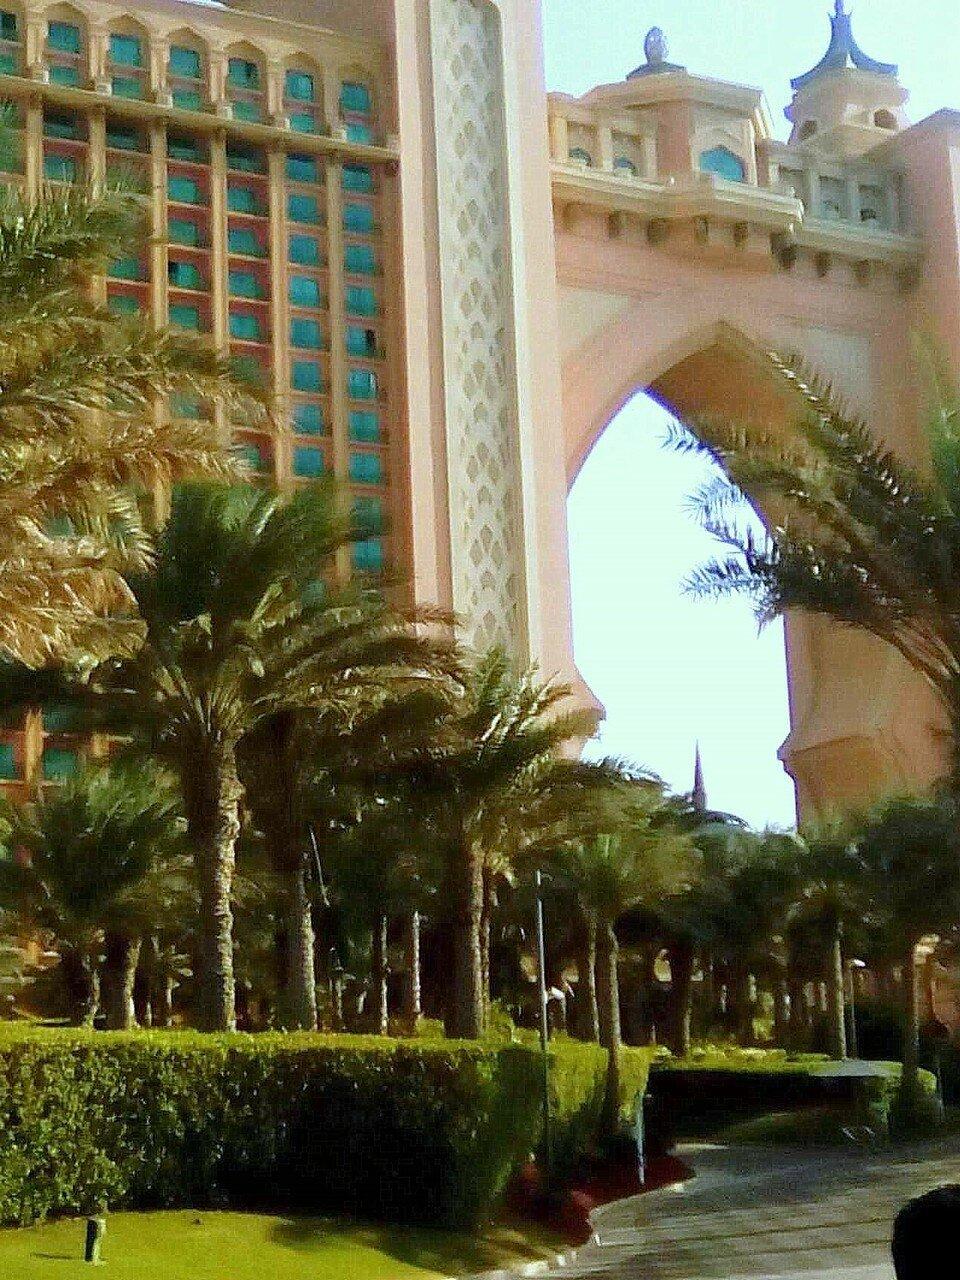 Дубаи 28 11 2016 (1).jpg